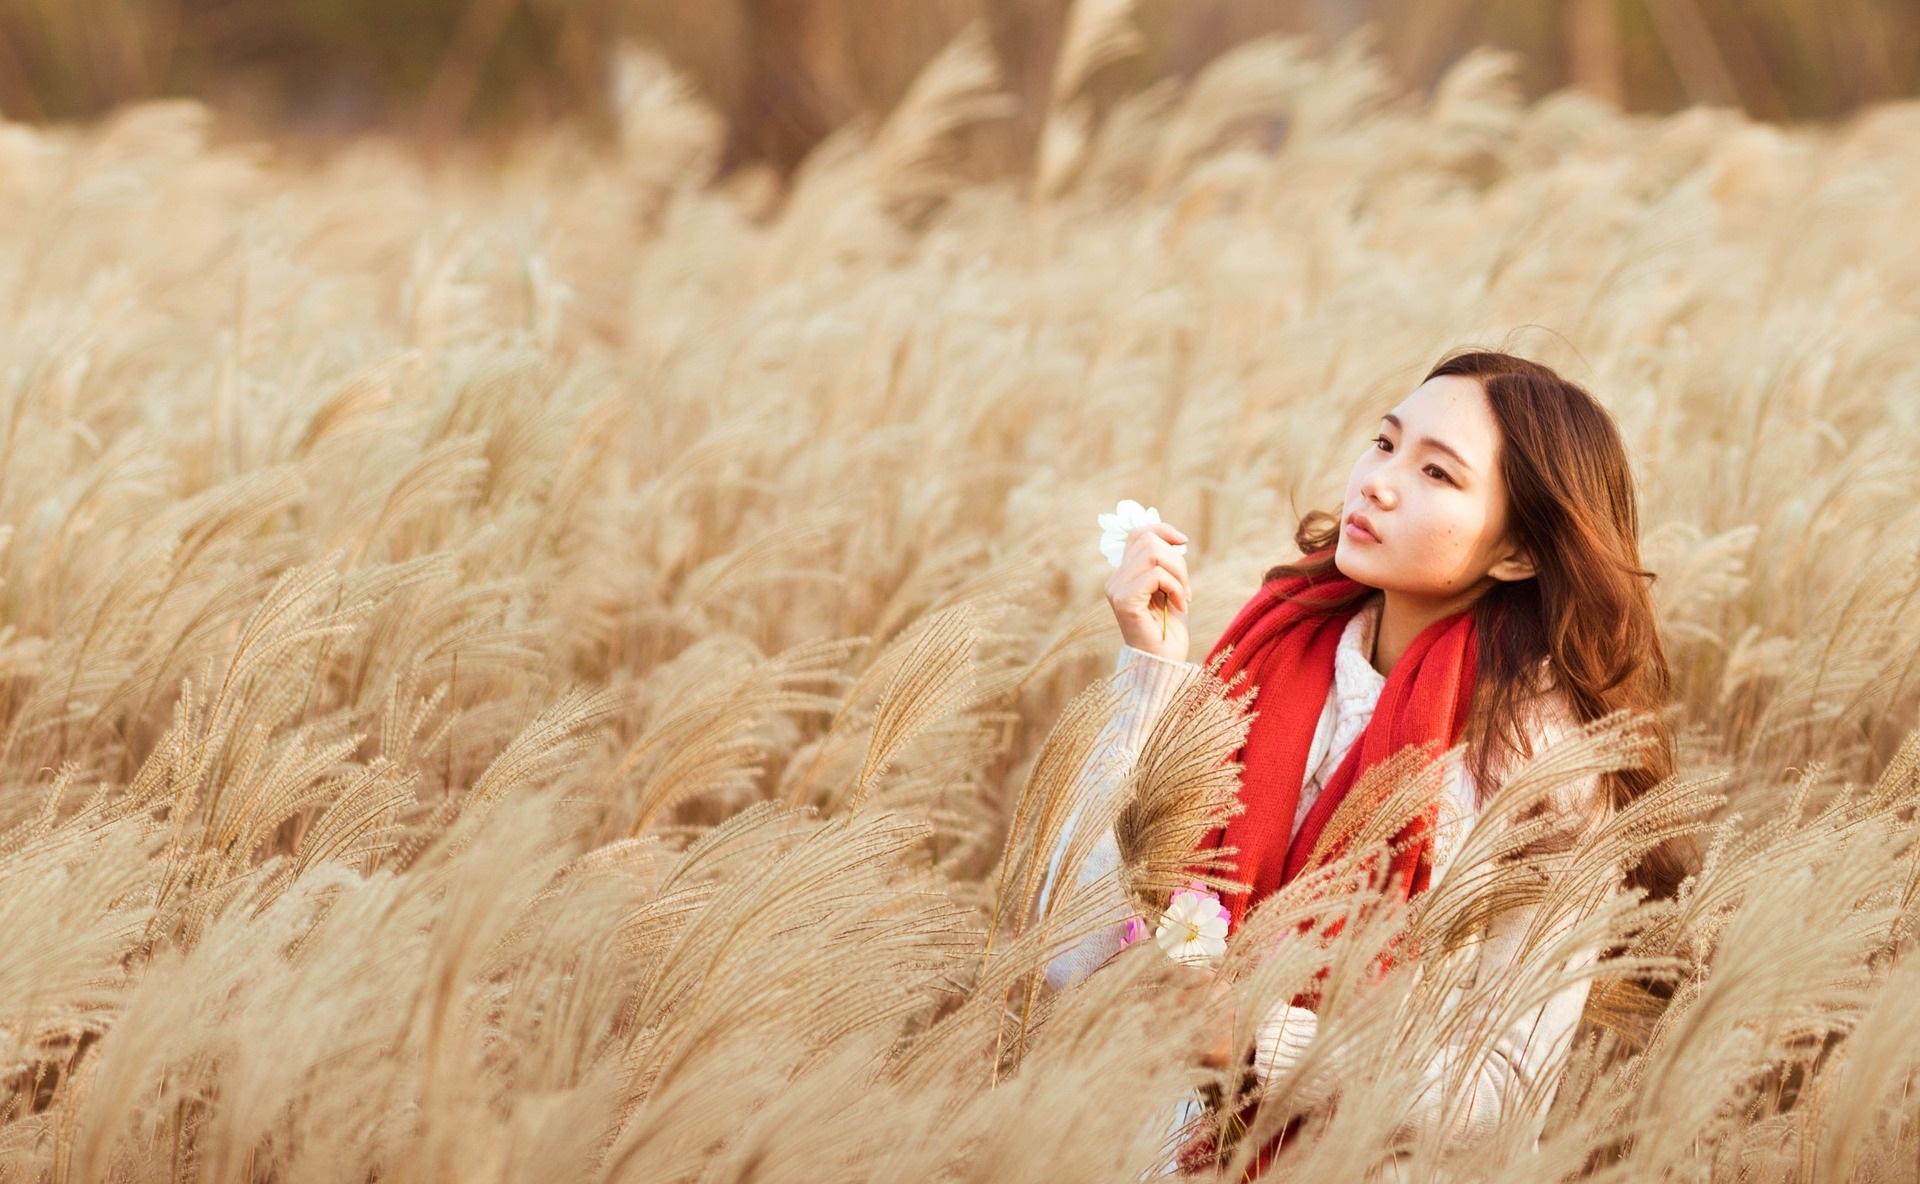 Asian American Woman in Wheat Field